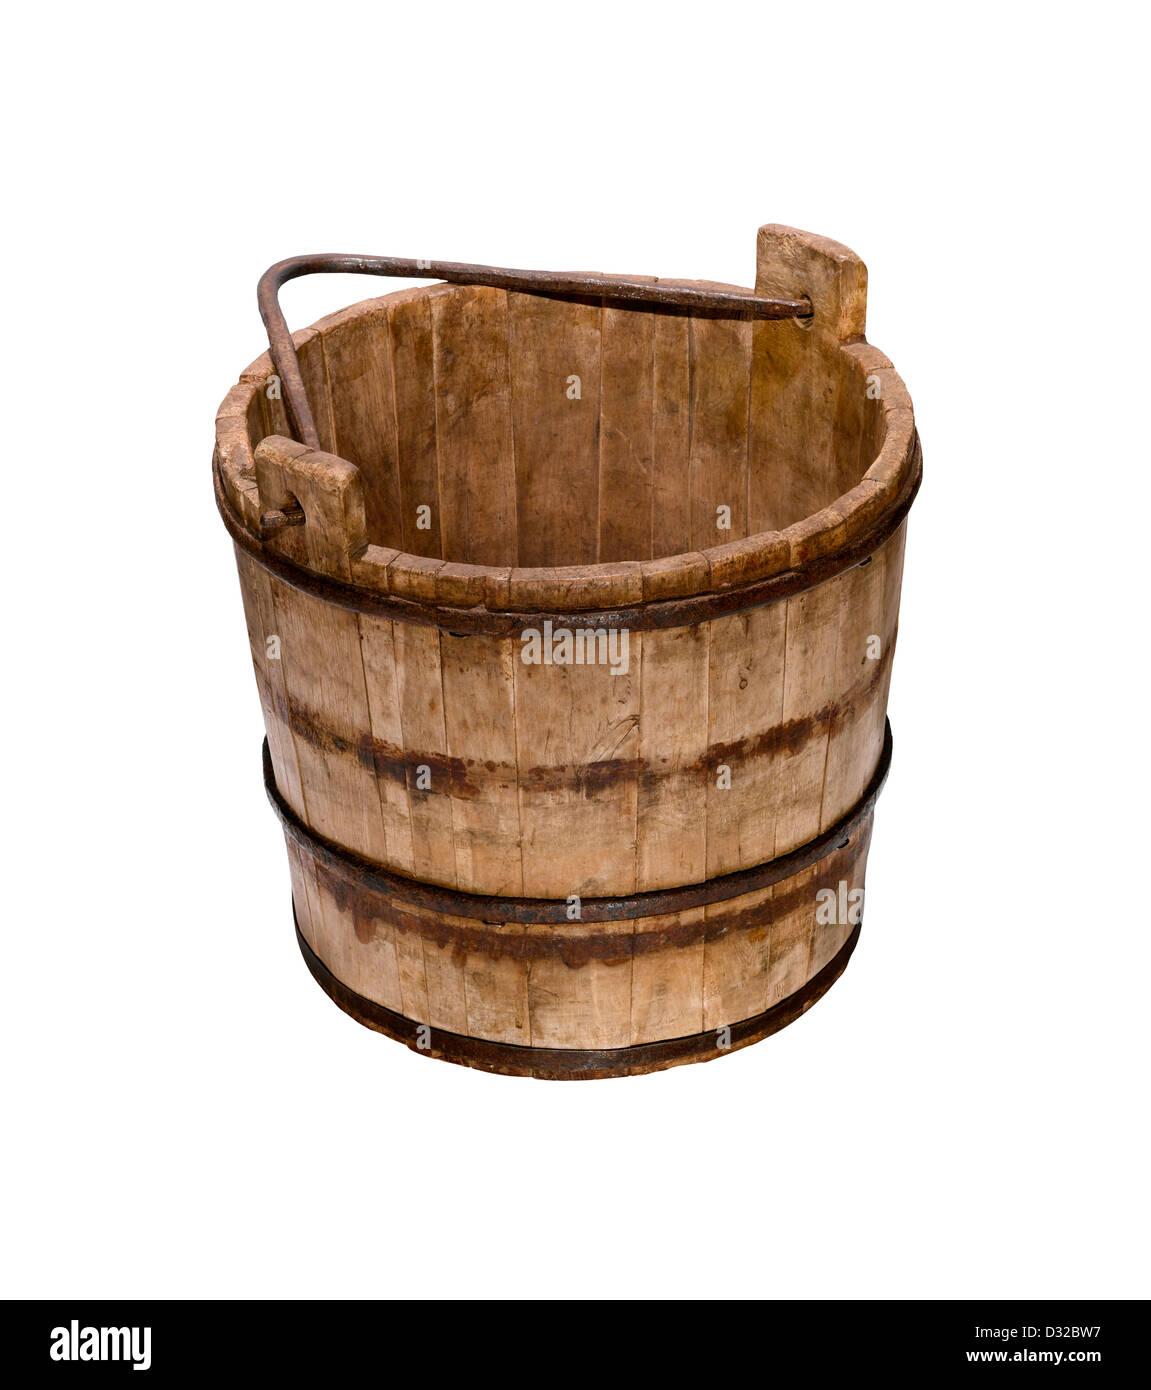 Un vecchio secchio di legno o secchio con la maniglia verso il basso Immagini Stock